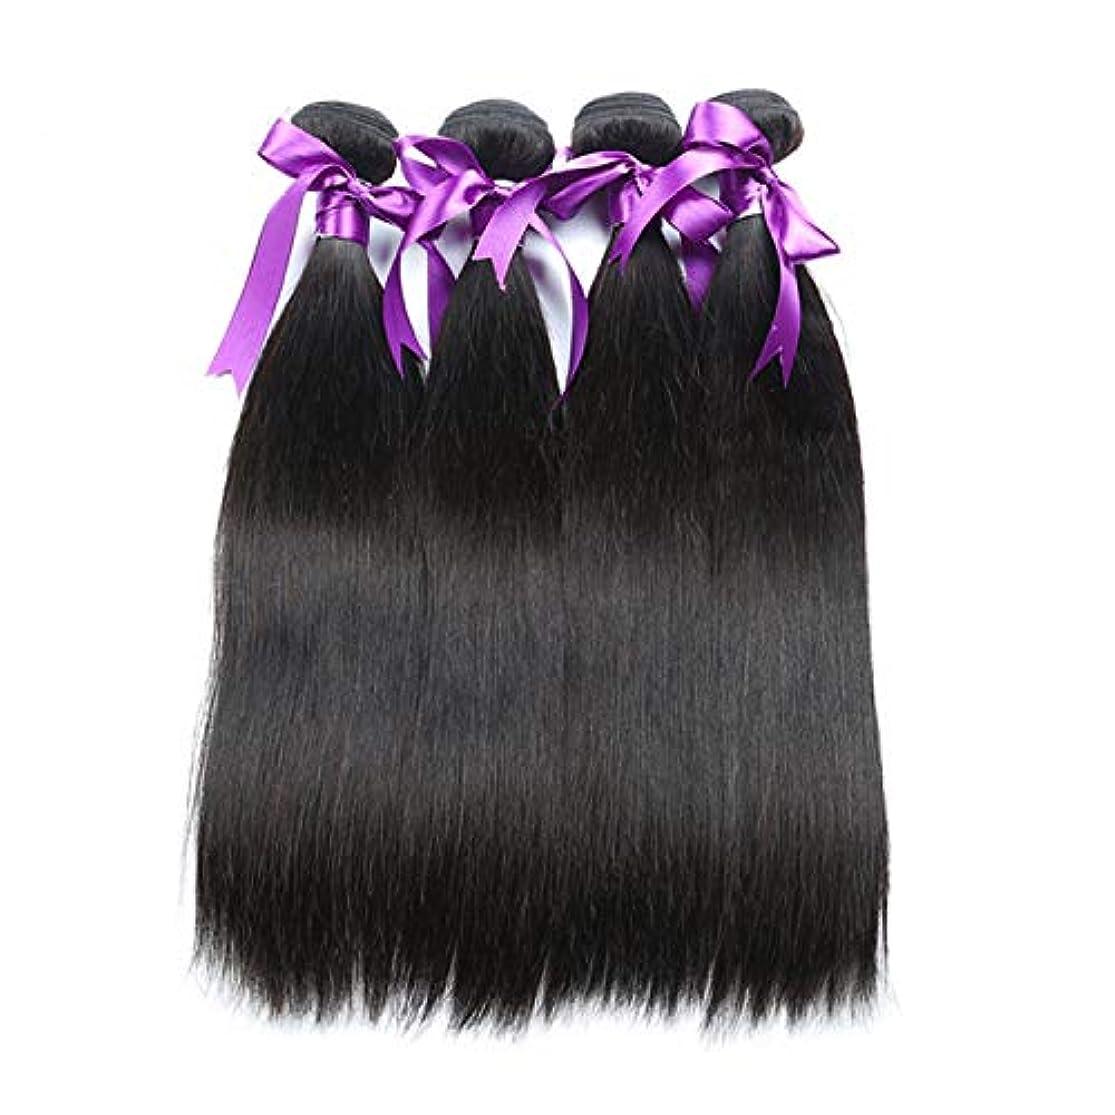 パンダ死の顎崇拝しますかつら マレーシアのストレートヘア4本の人間の髪の束非レミーの毛の延長天然黒体毛髪のかつら (Length : 8 8 10 10)